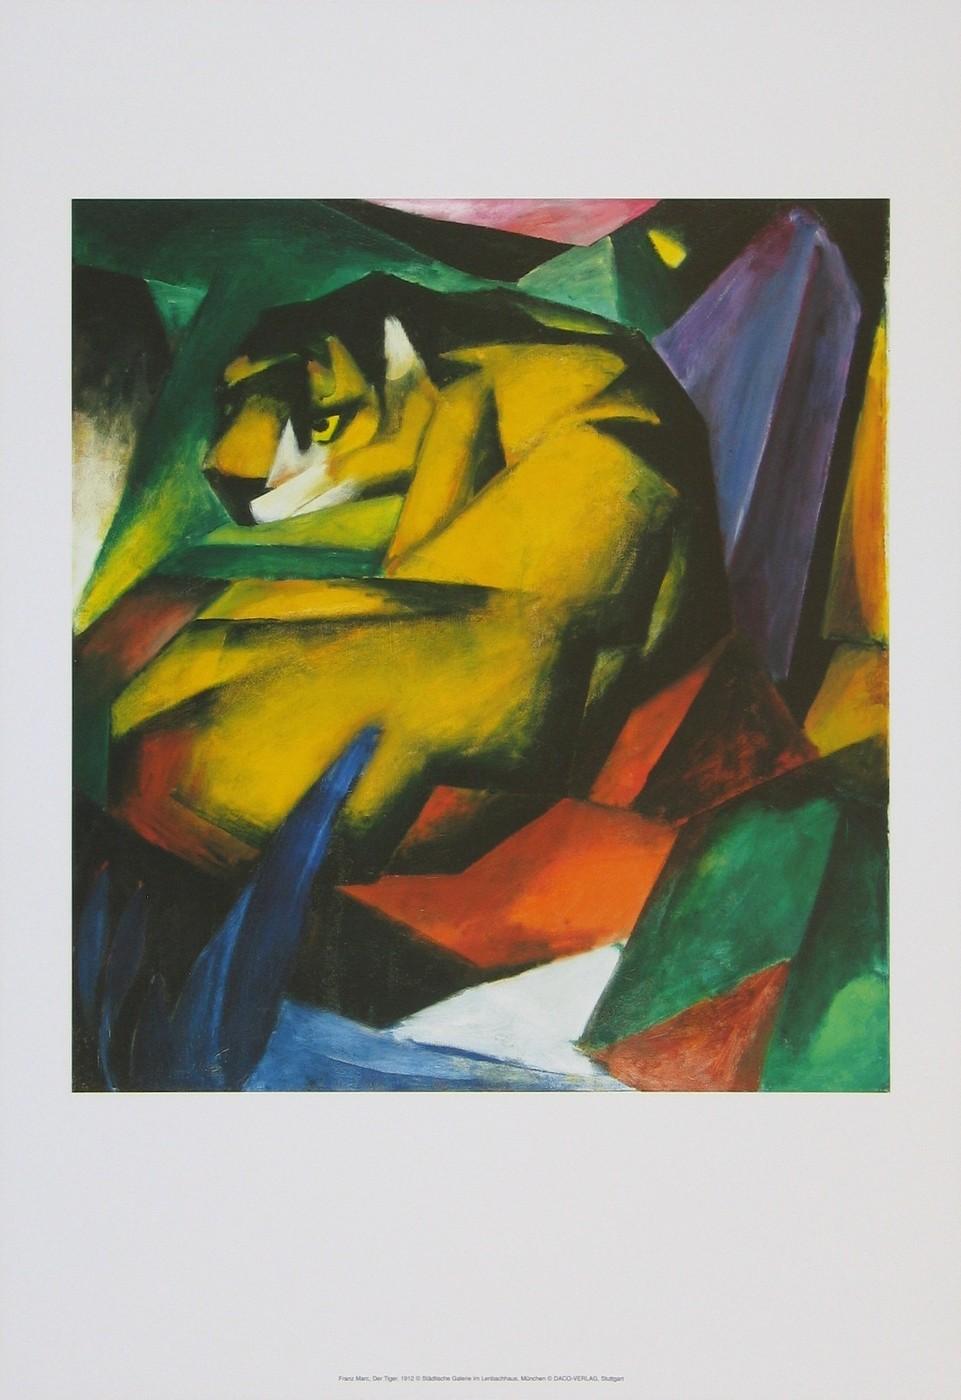 Franz Marc, Der Tiger, 1912 (Malerei, Expressionismus, Urwald, Tiger, Aufmerksamkeit, Versteck,  Tier, Bäume, klassische Moderne, Wohnzimmer, Arztpraxis, Treppenhaus, Schlafzimmer, bunt)